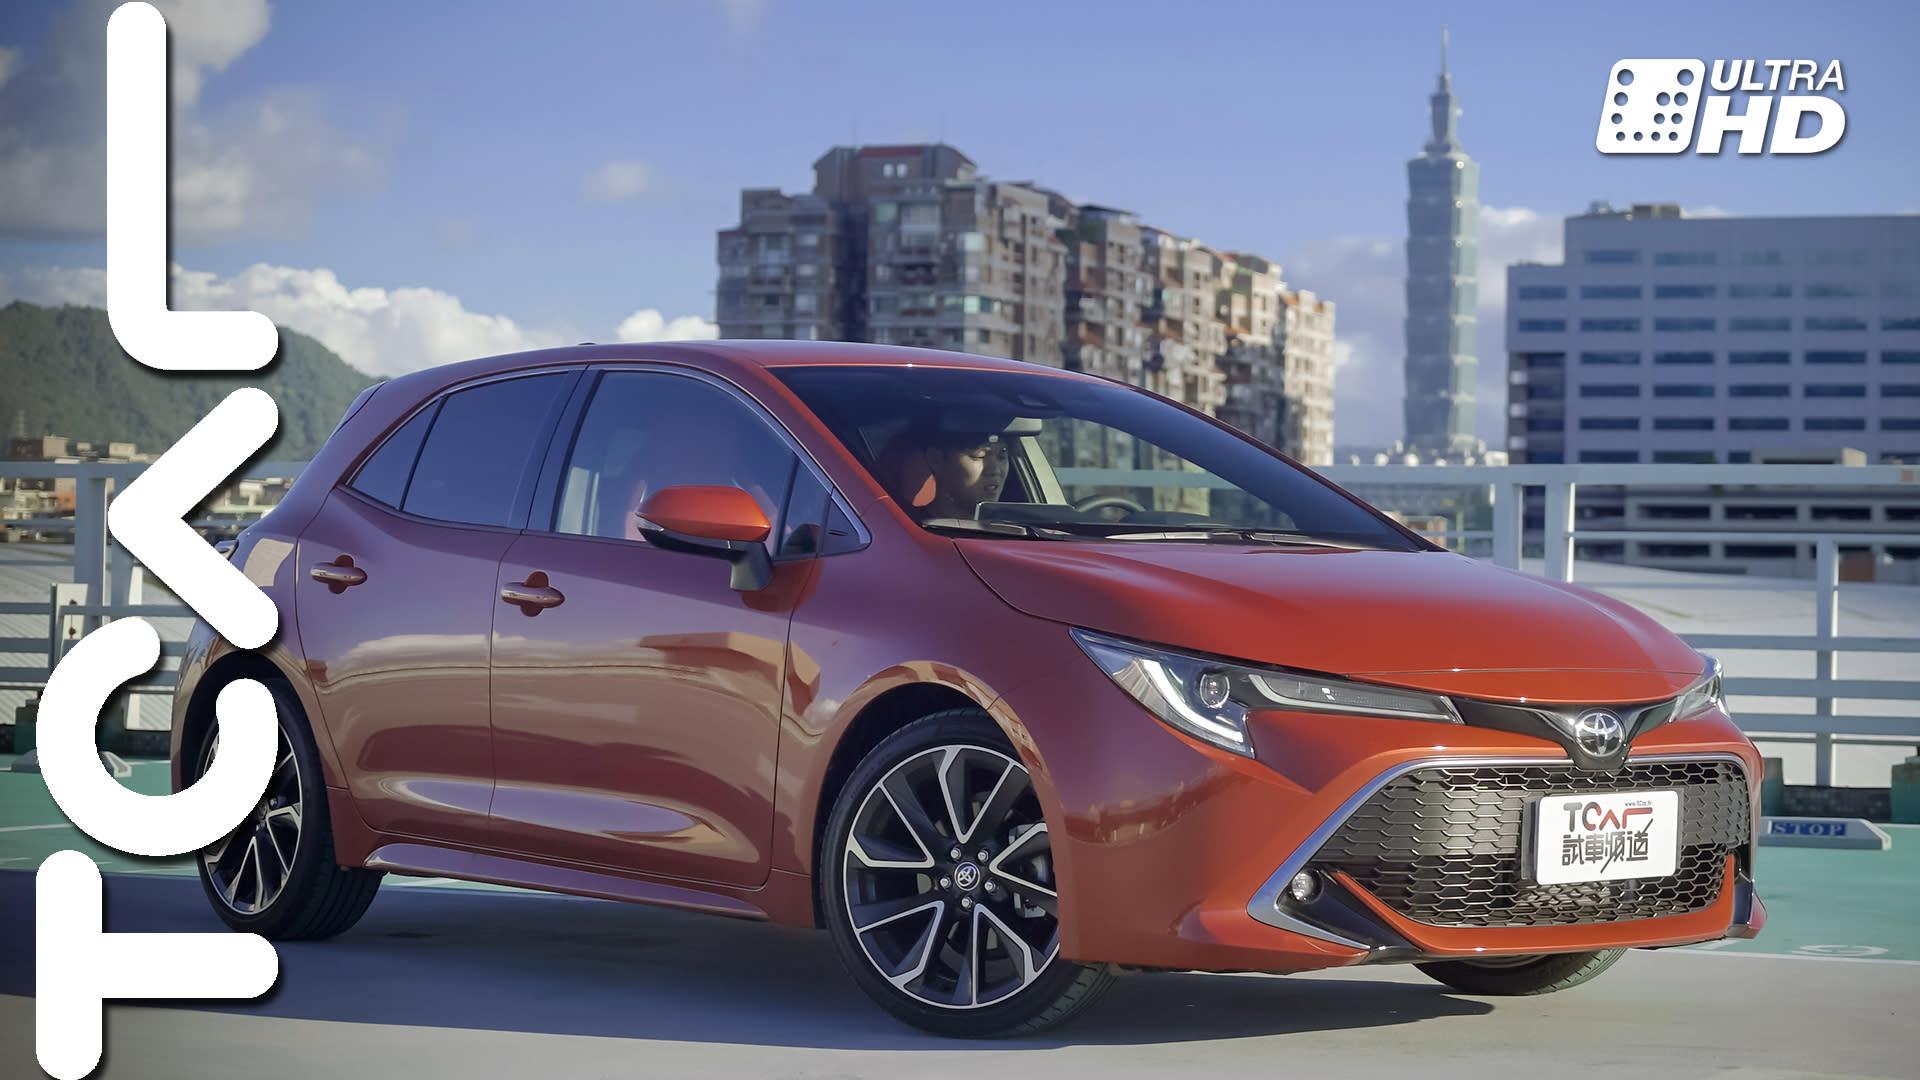 熱血夢 Toyota Auris 旗艦版 新車試駕 - TCAR